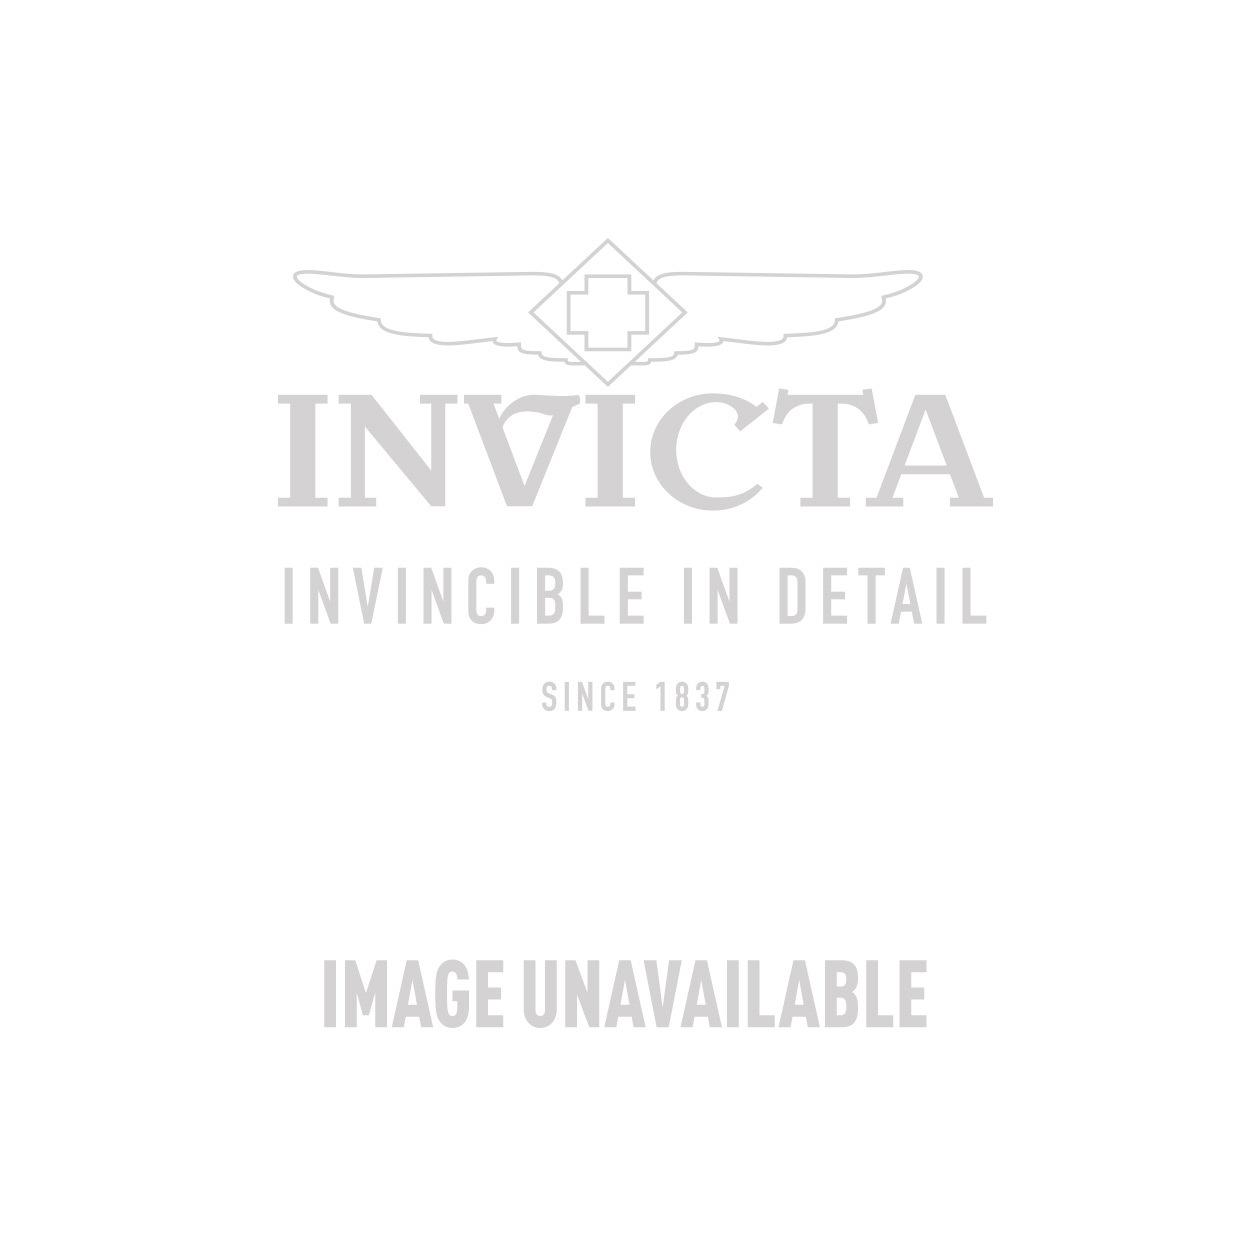 Invicta Model 25100